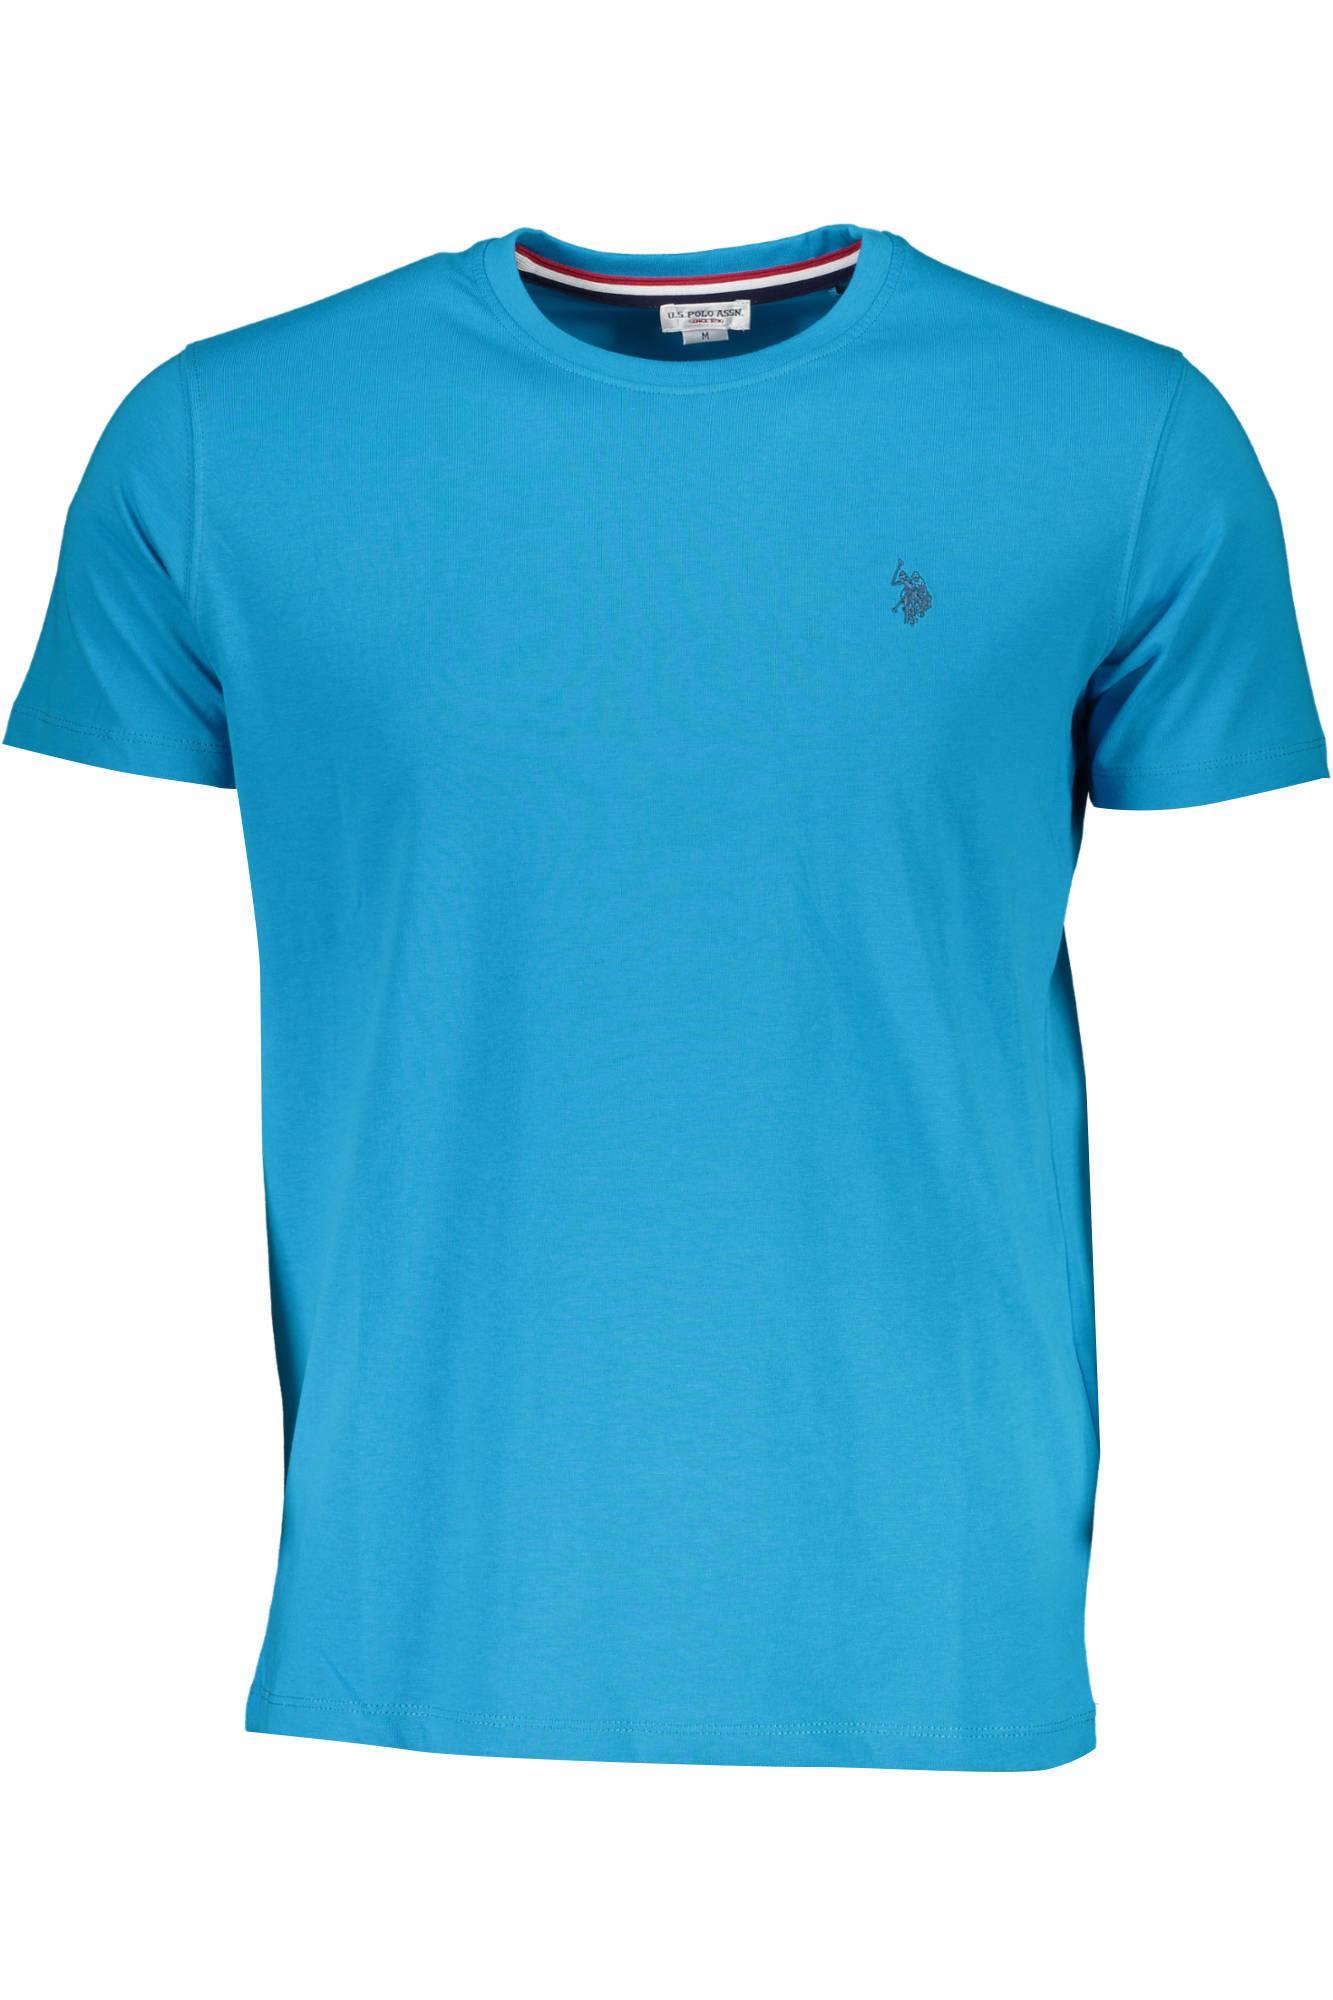 Tričko U.S. POLO tričko s krátkým rukávem AZZURRO